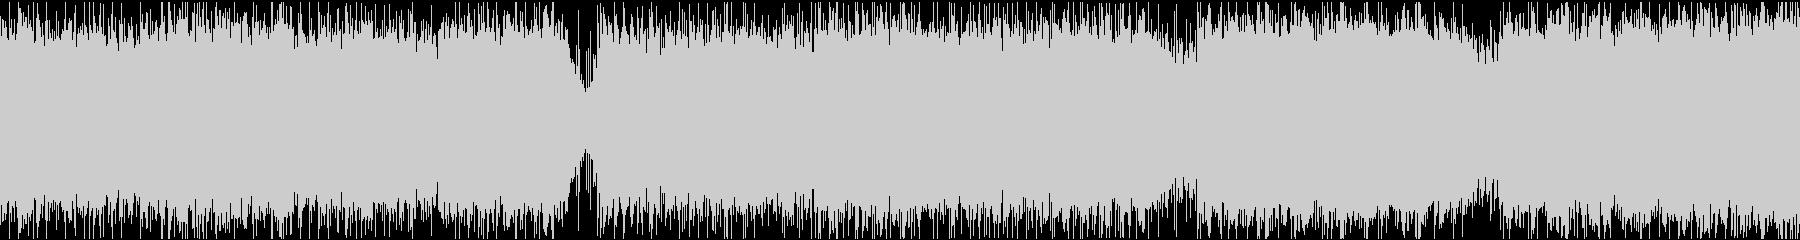 【ループBGM】白翼のシンフォニックメの未再生の波形